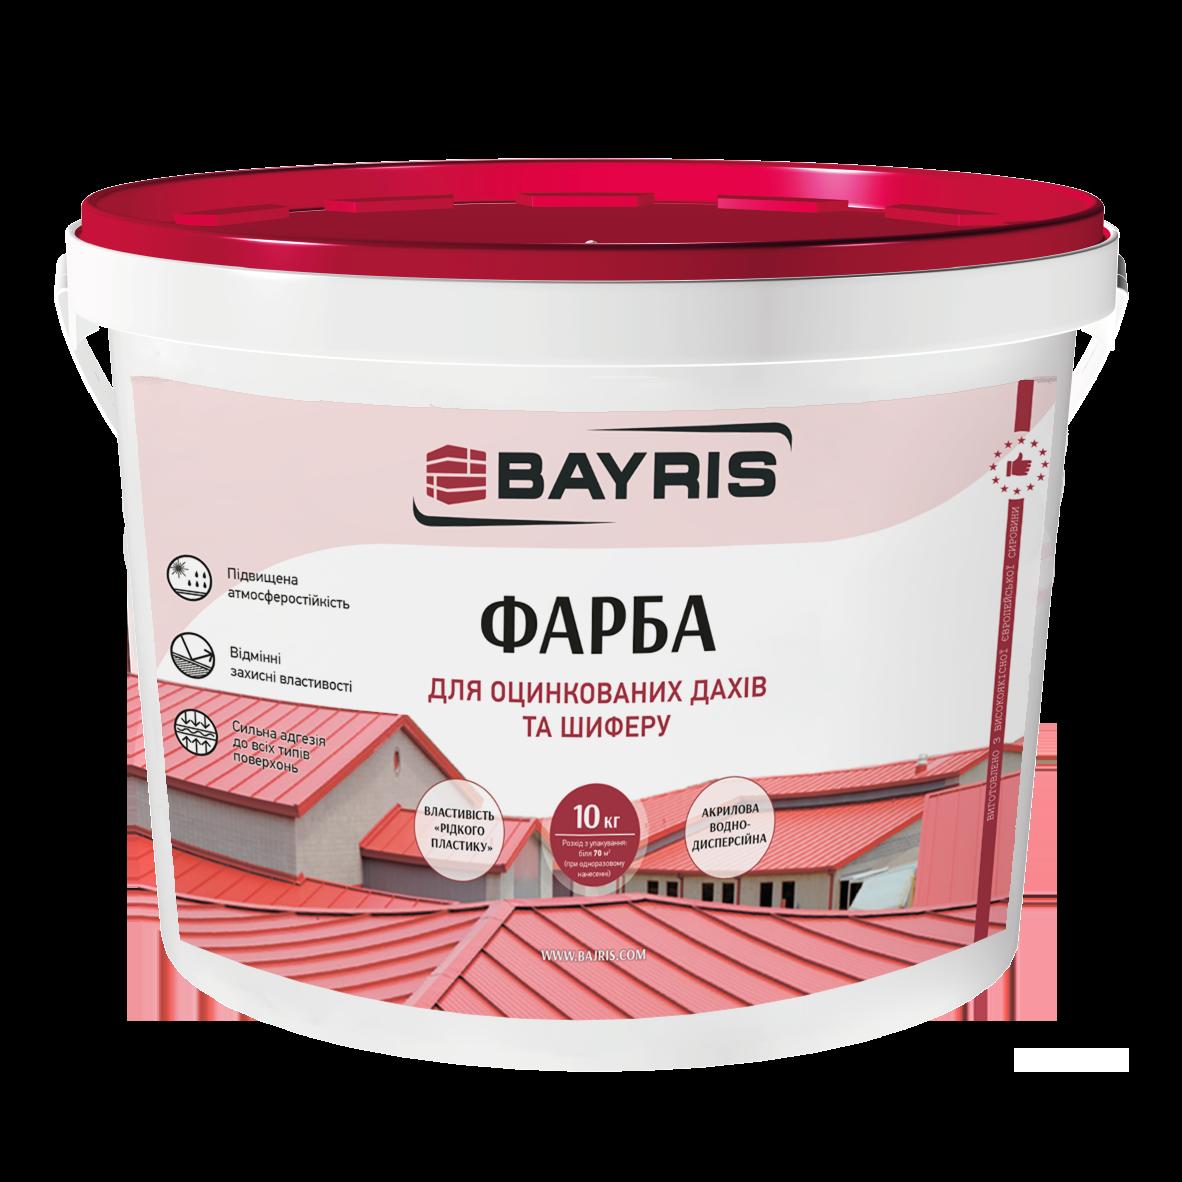 Фарба для шиферу і оцинковки БАЙРІС бордова 5 кг